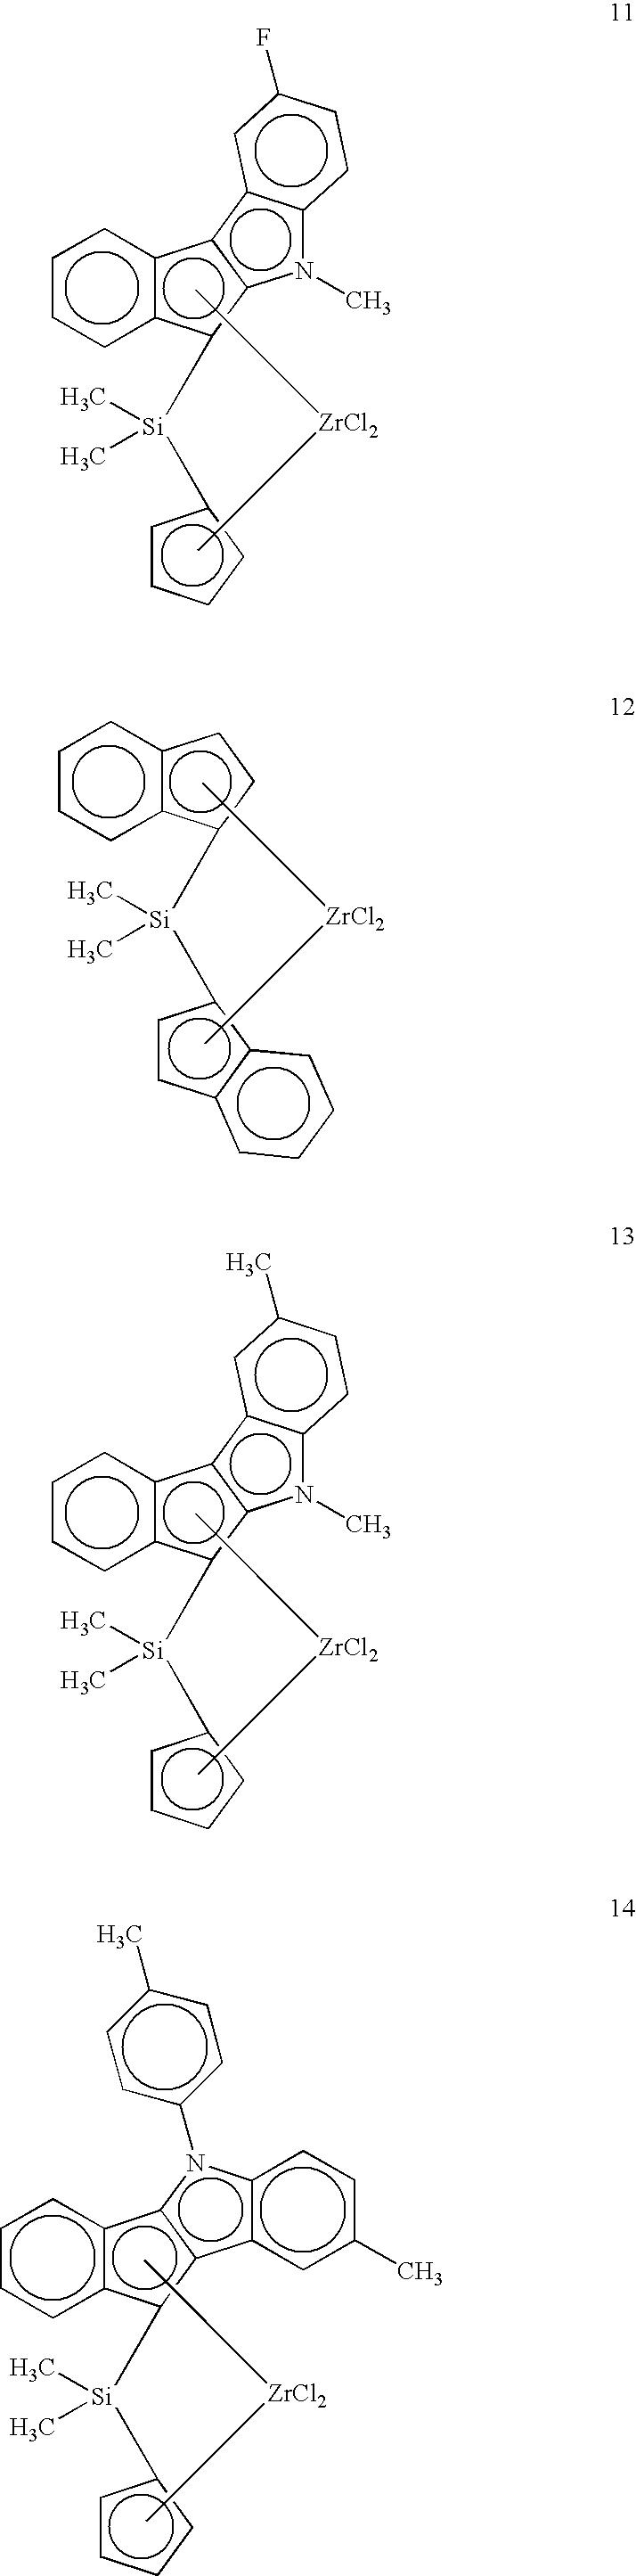 Figure US07723451-20100525-C00008